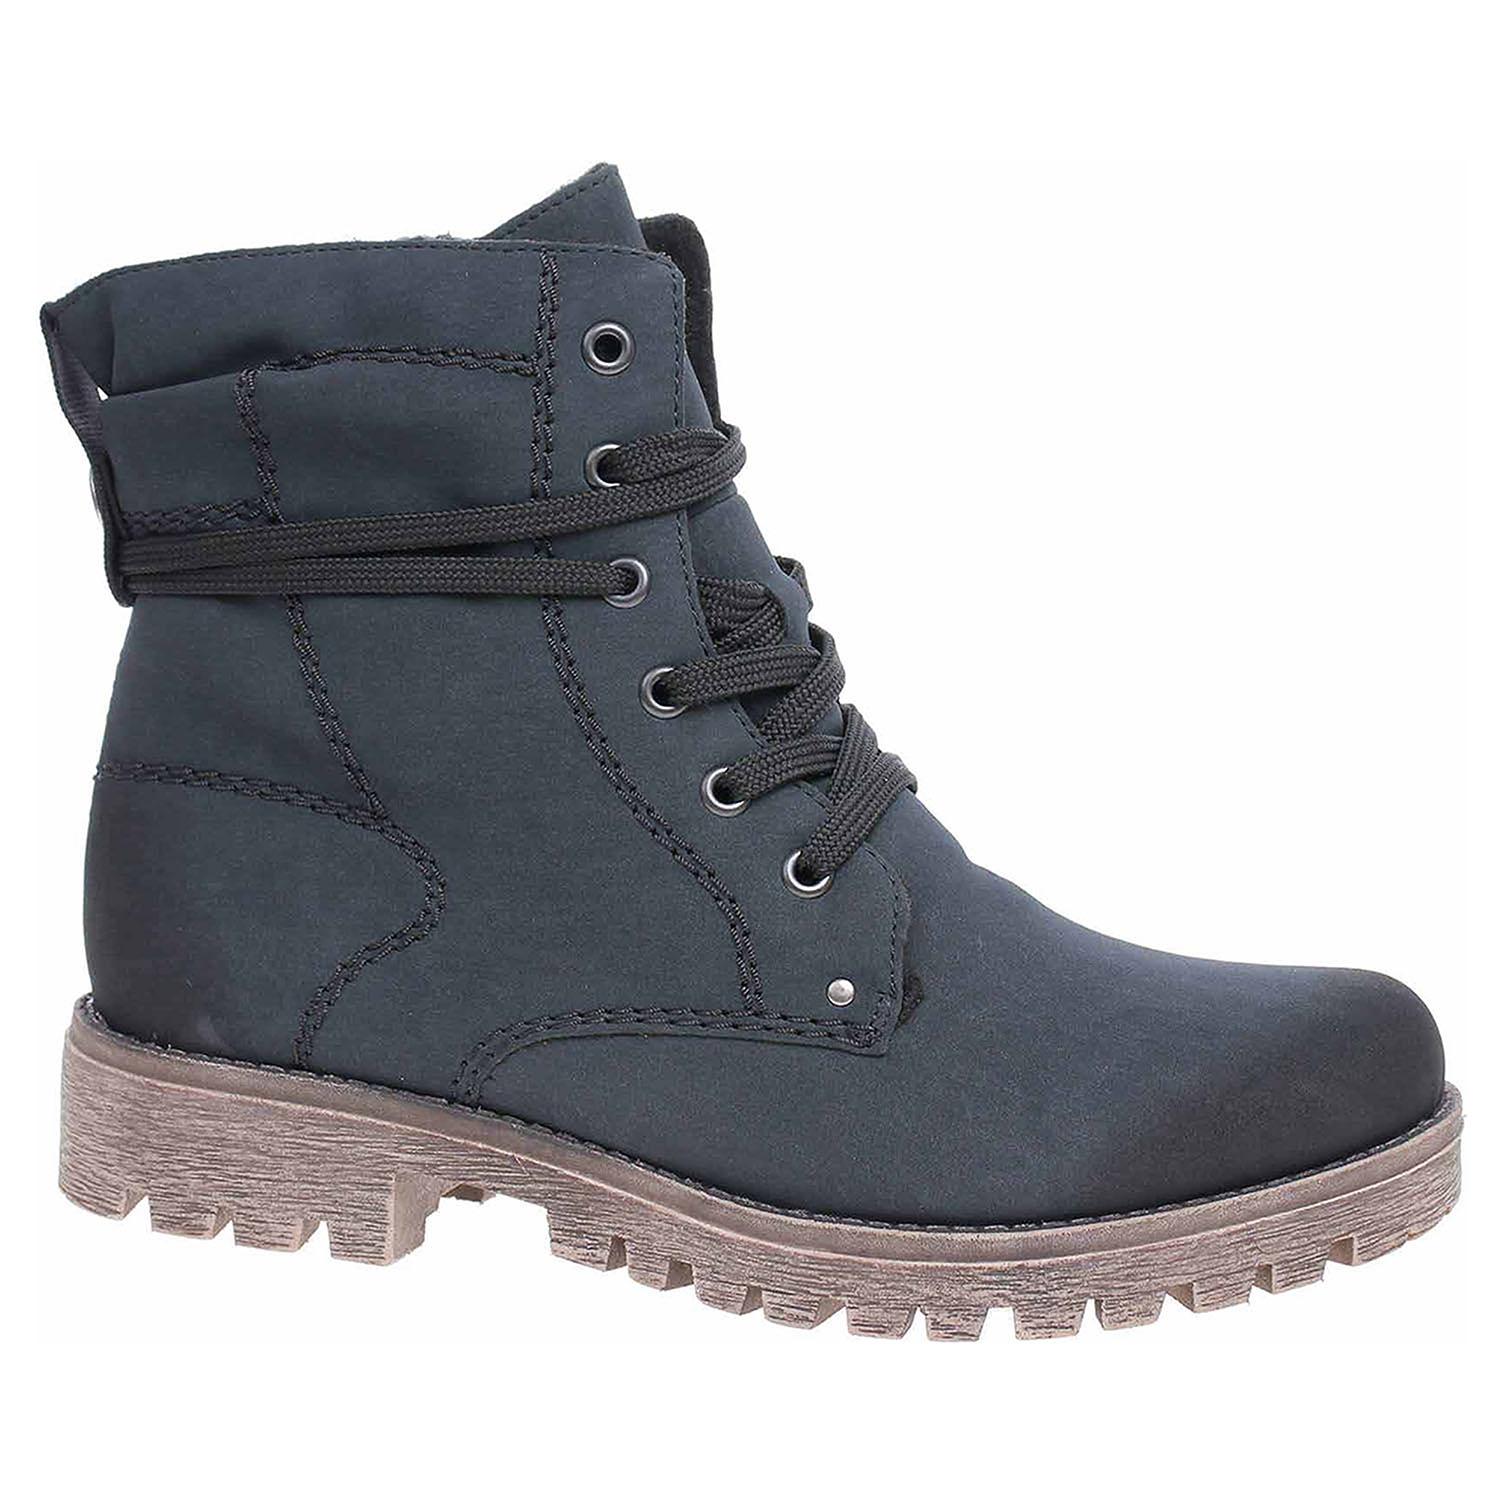 b22ce41b4f841 Dámská kotníková obuv Rieker 78534-14 blau 78534-14 43